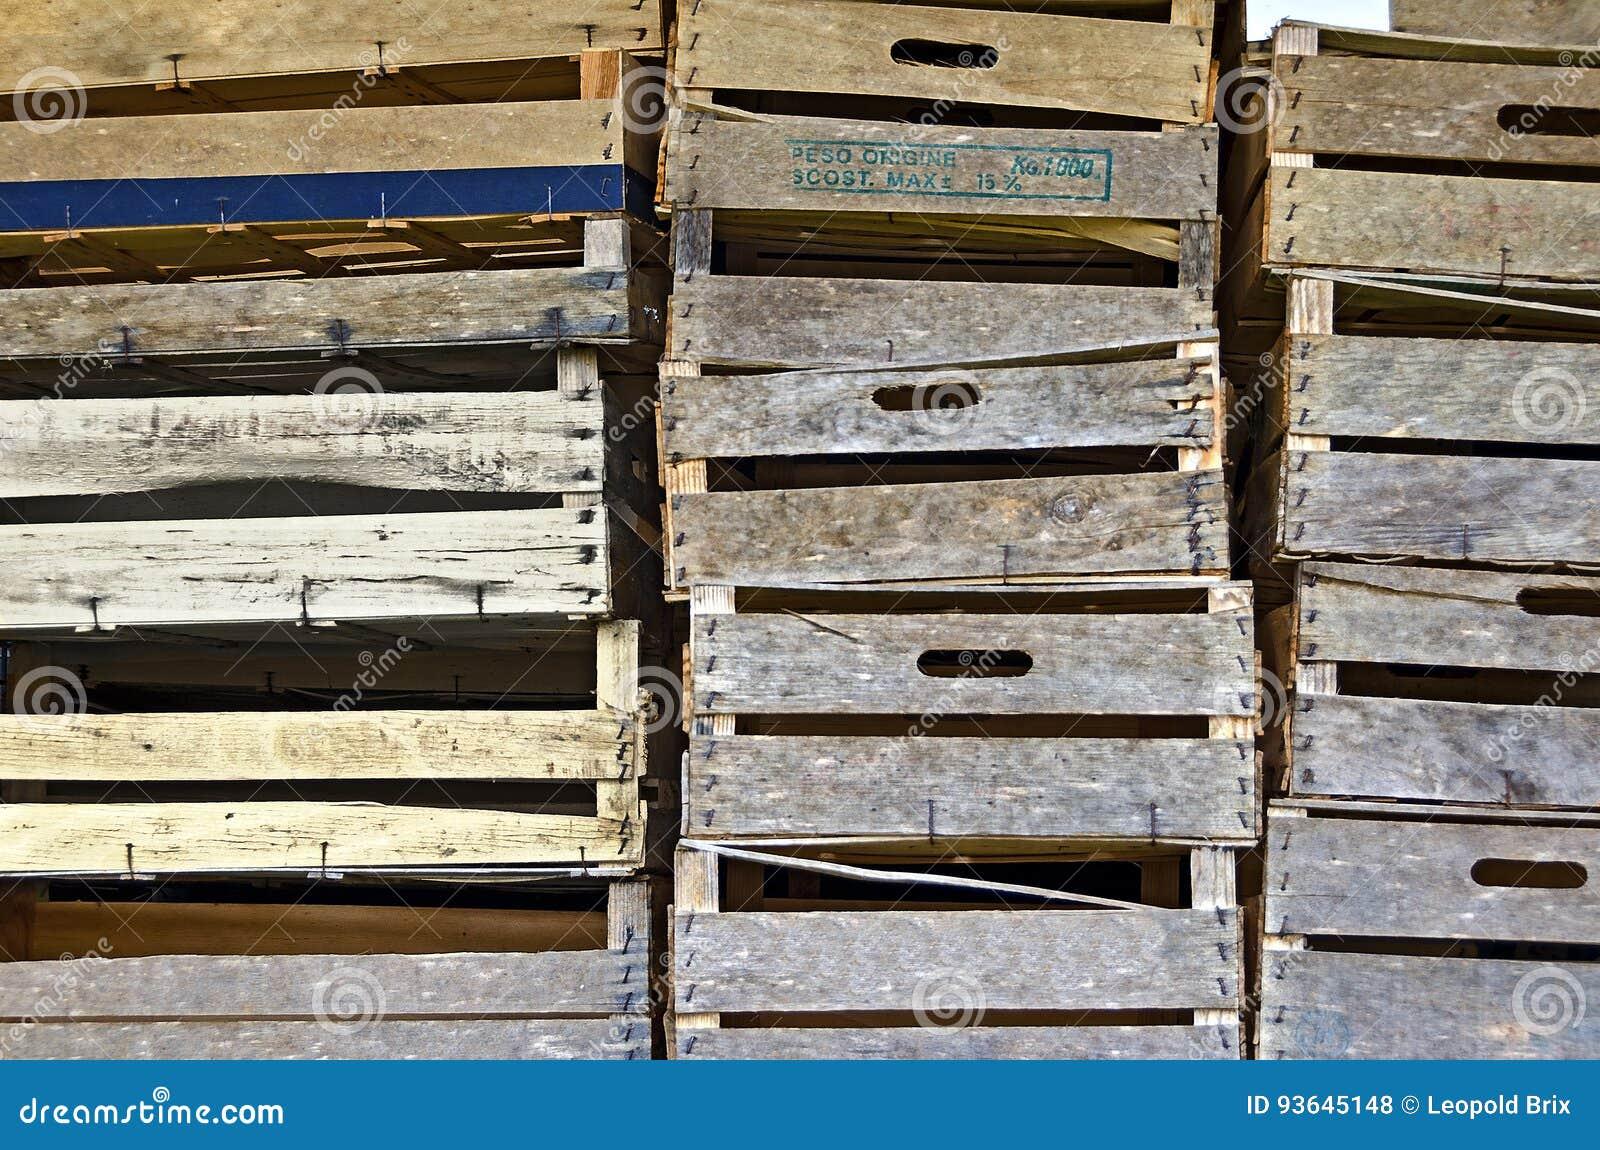 Cassette Della Frutta Legno casse di legno della frutta fotografia stock - immagine di